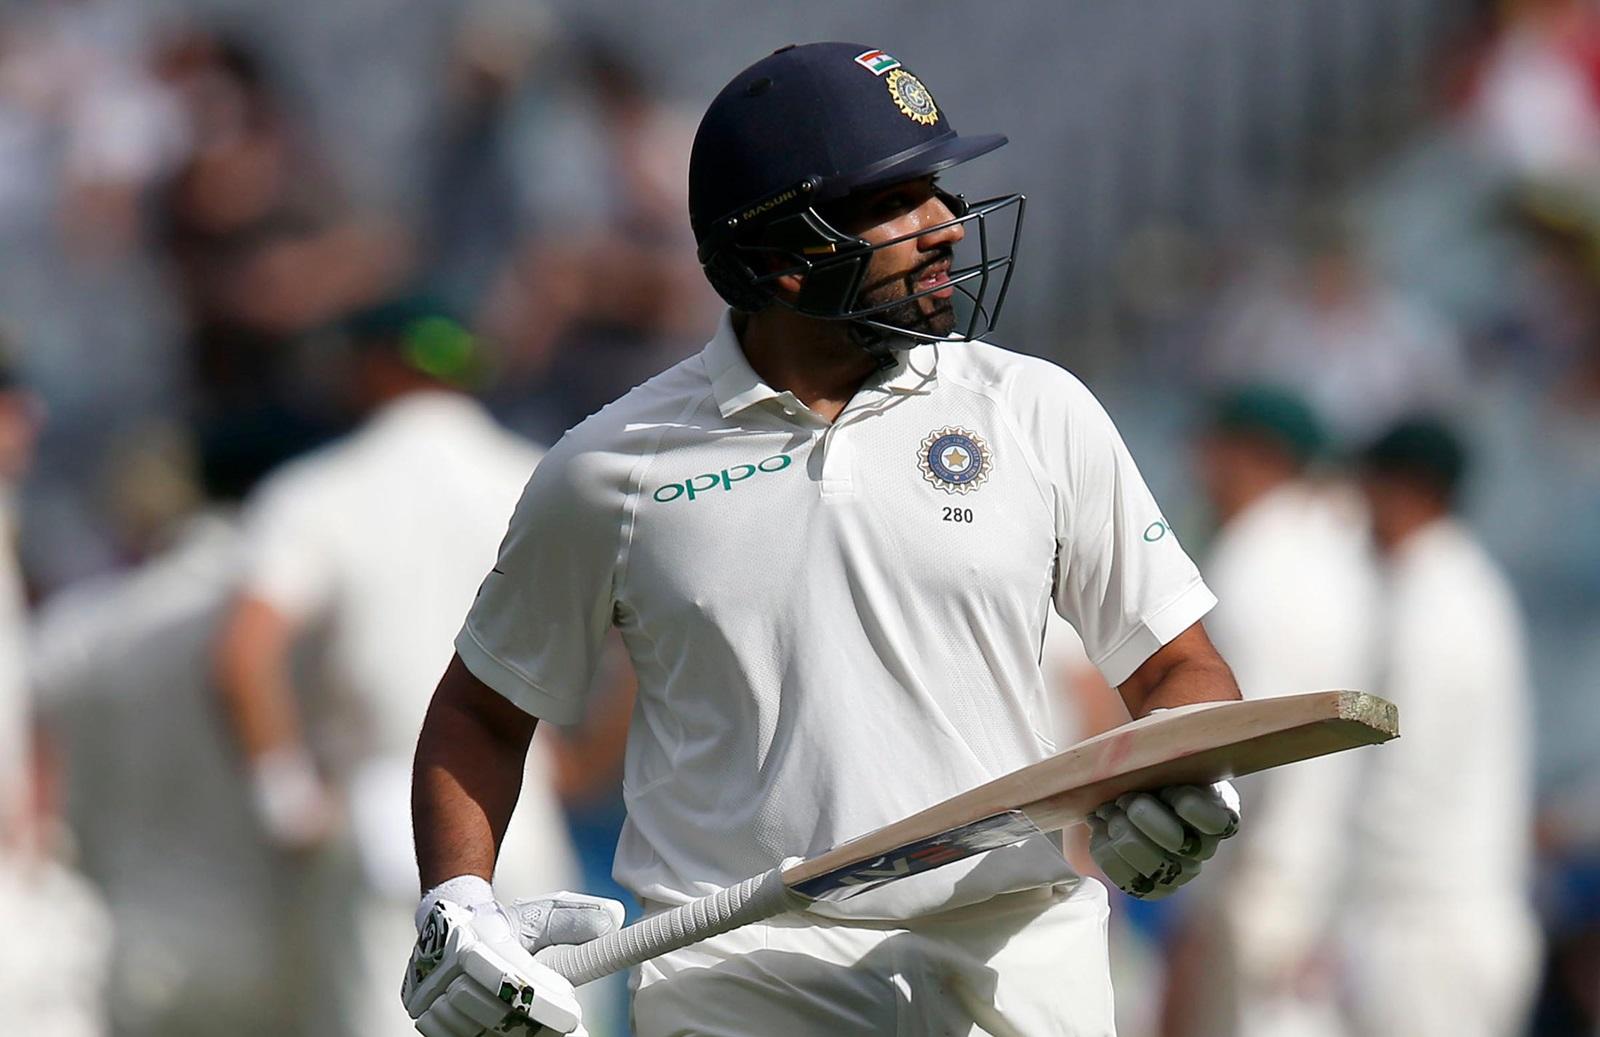 रोहित शर्मा की चोट बनी इन तीन खिलाड़ियों के लिए संजीवनी, कुछ ऐसे चमका सकते हैं अपनी किस्मत 17